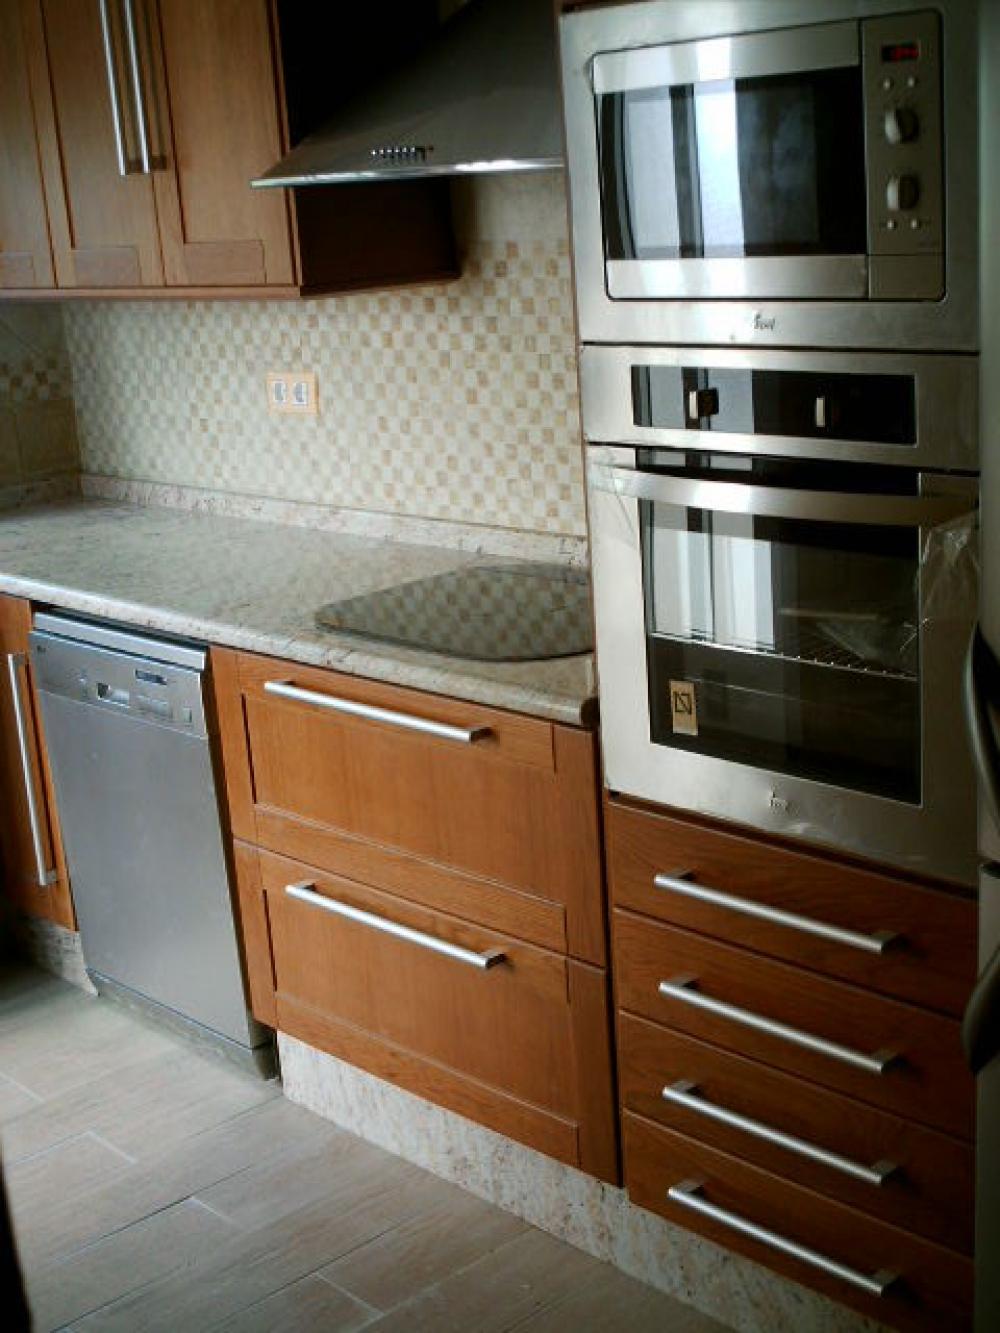 T instal service empresa de reformas completas en for Ofertas cocinas completas